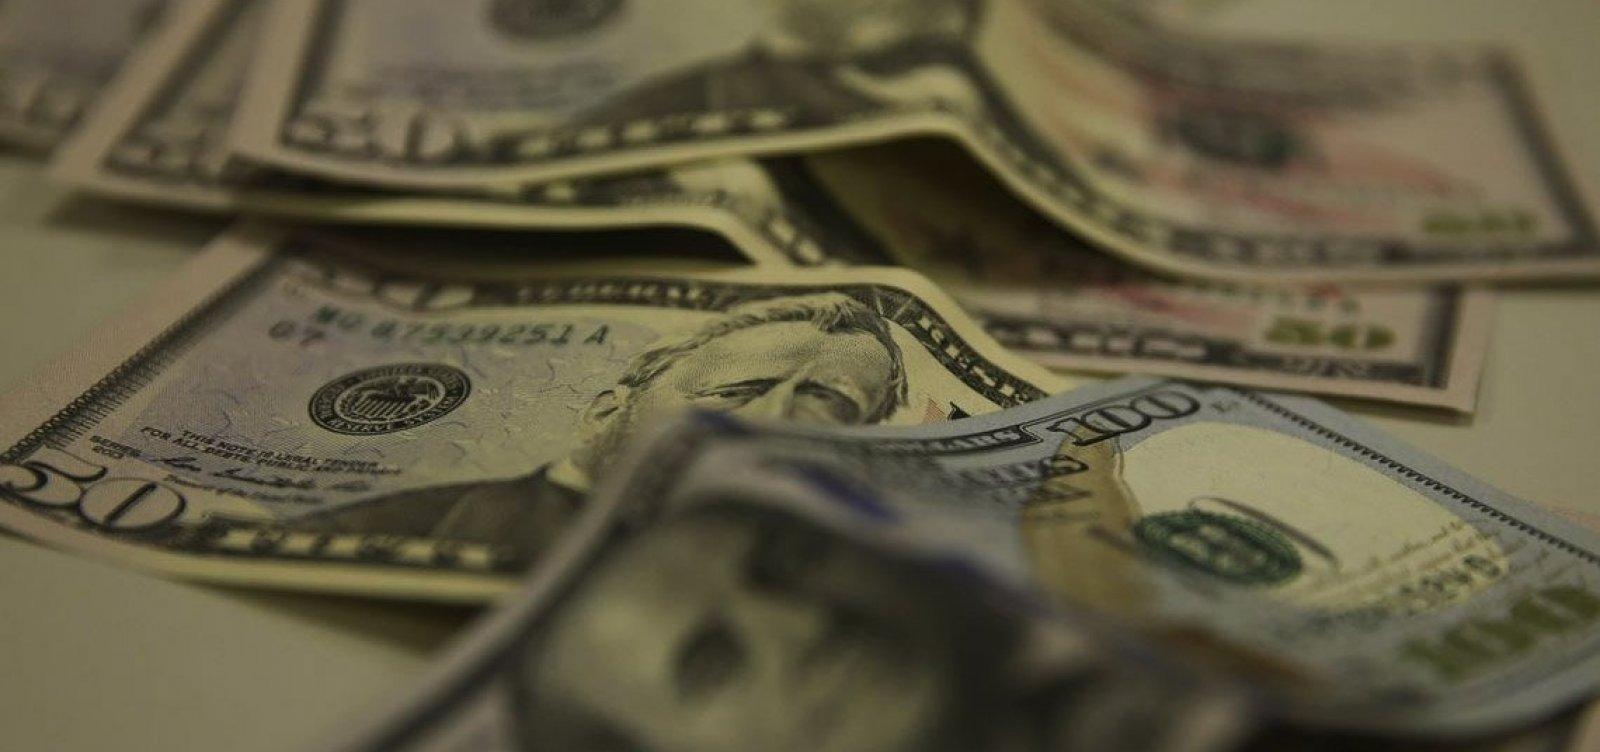 Dólar fecha em alta de 0,22% com incerteza fiscal no radar dos investidores